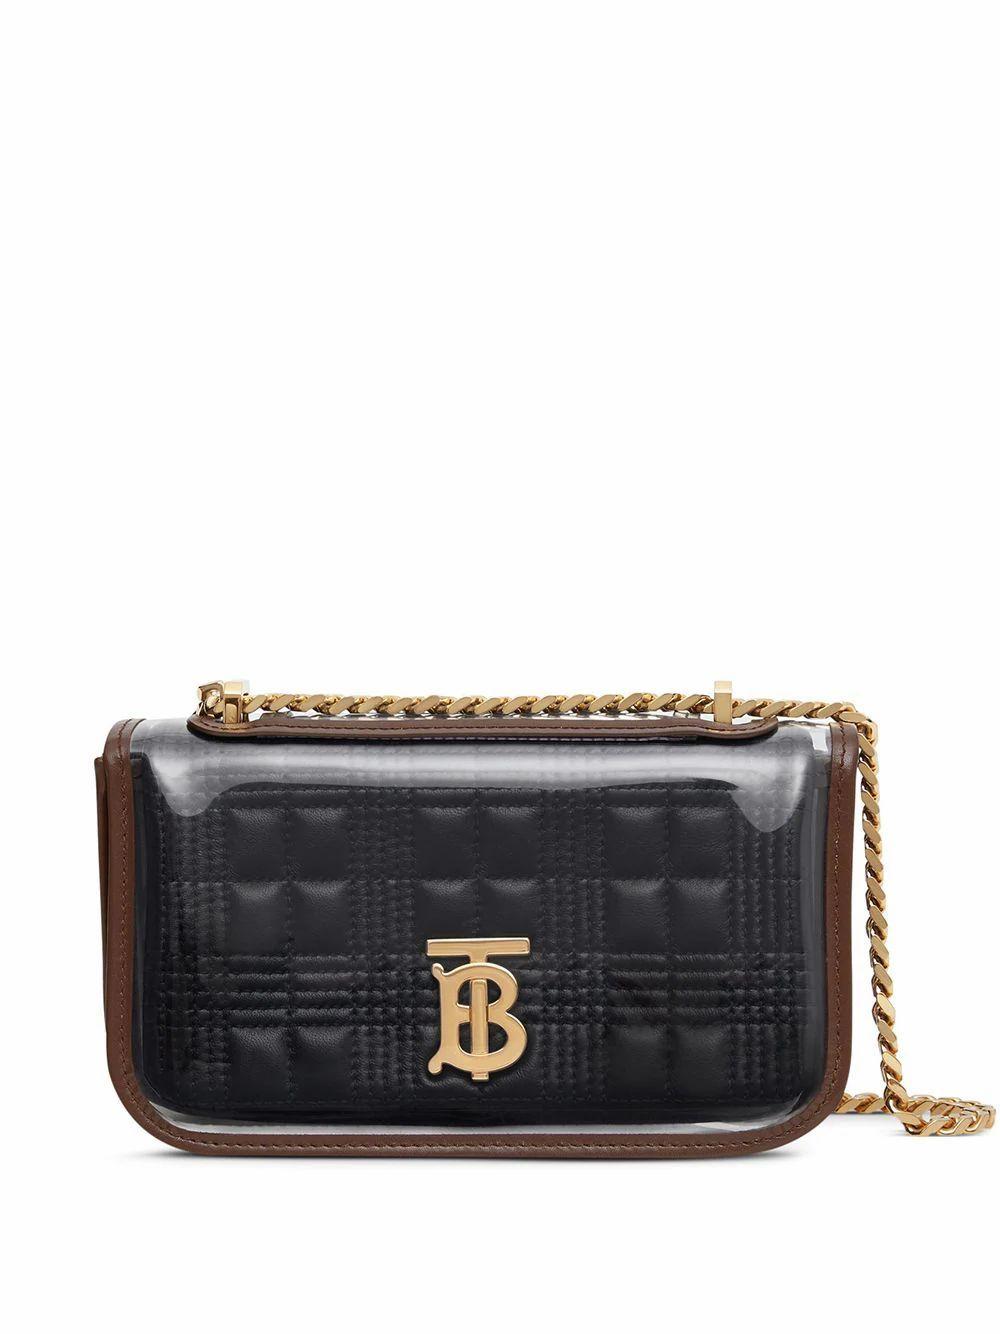 BURBERRY WOMEN'S 8032038 BLACK LEATHER SHOULDER BAG